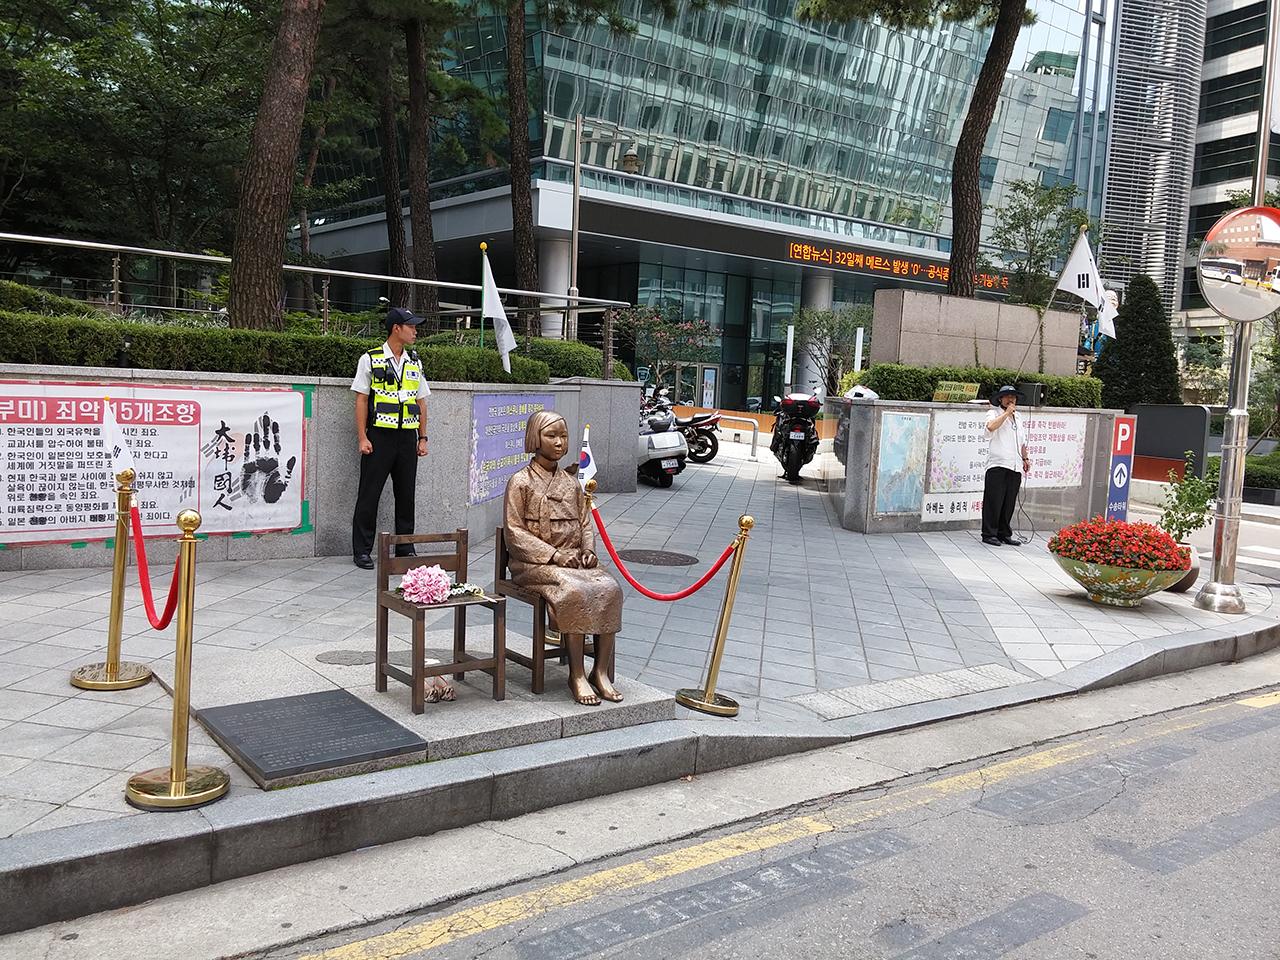 일본대사관을 응시하는 위안부 소녀상. 서울 광화문광장 동쪽에서 찍은 사진.